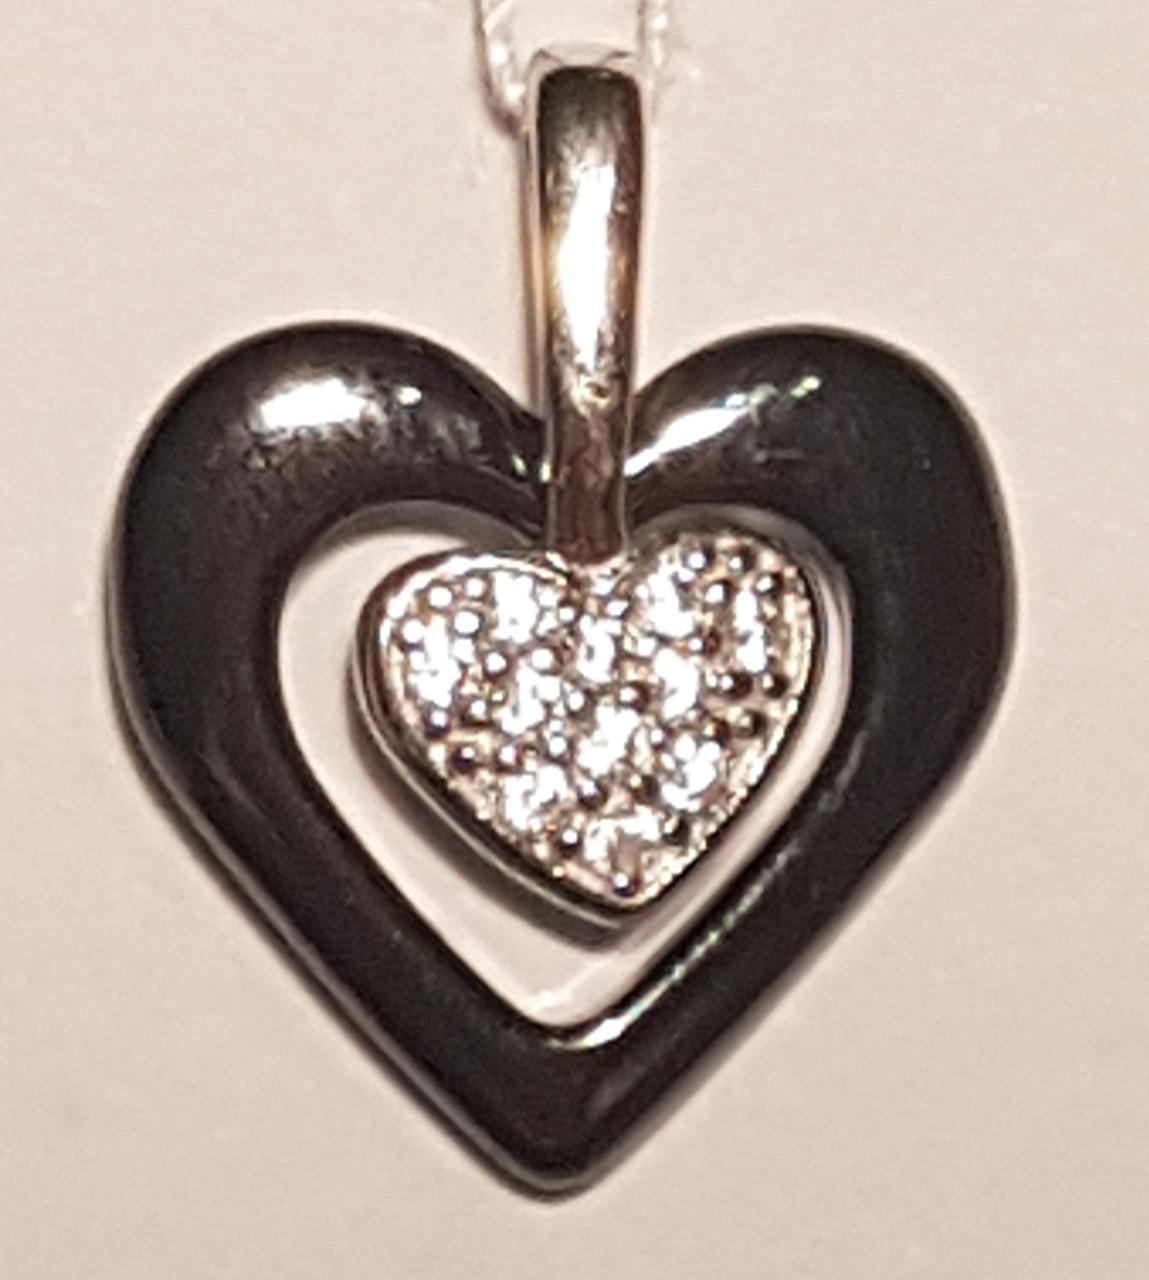 Серебряная подвеска «Сердце» с керамикой и фианитами. Артикул ПК2ФК/1010